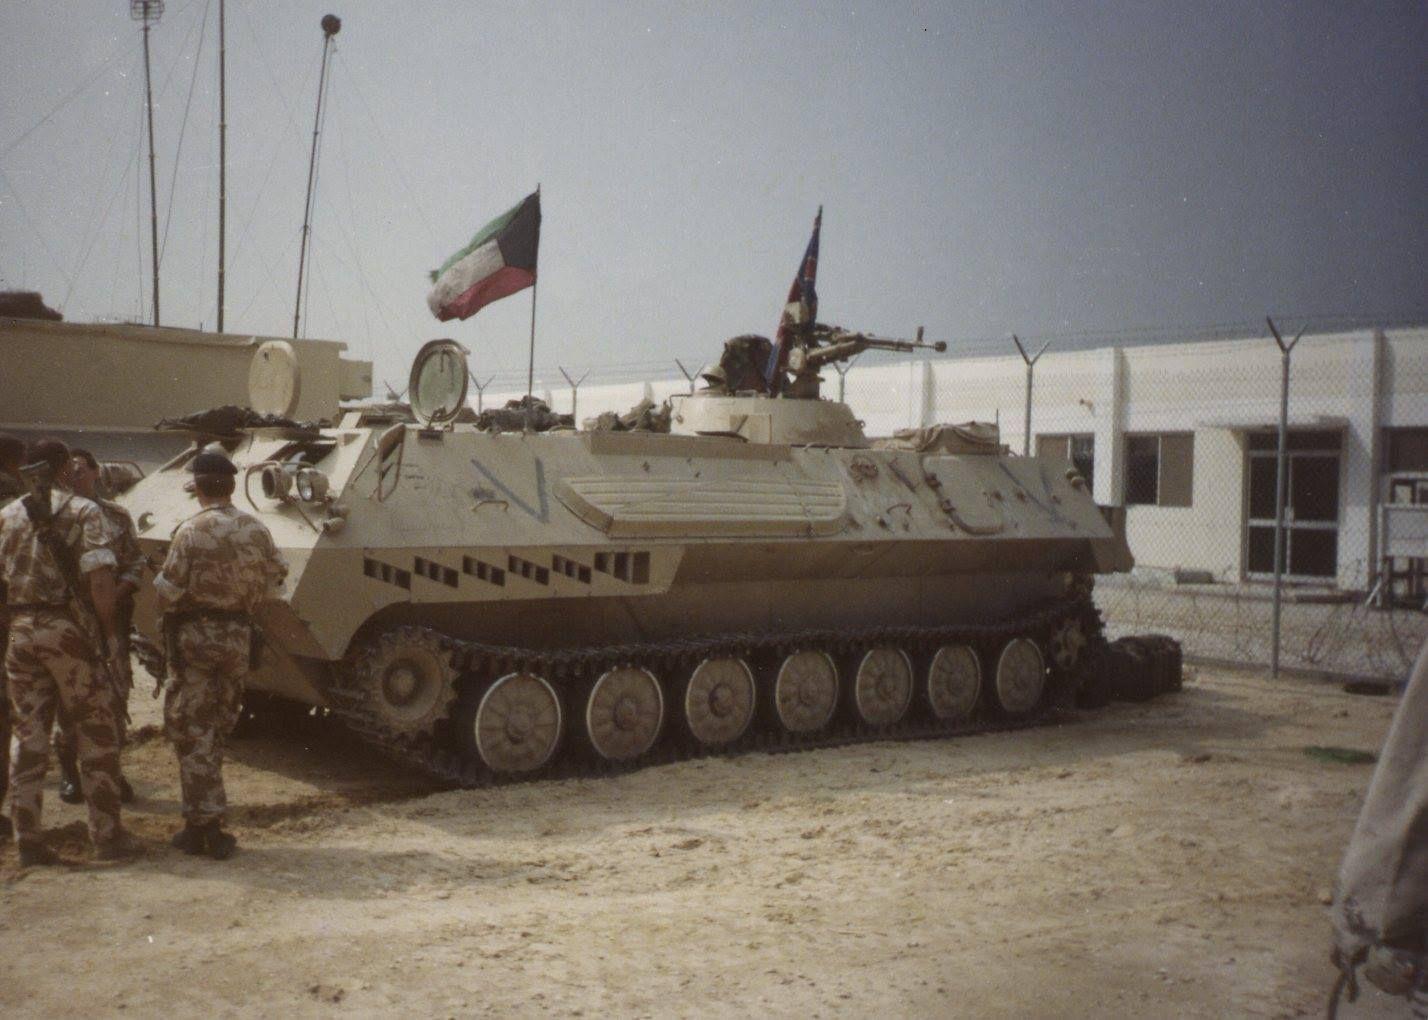 Iraqi mt lbu now as a war trophy operation desert storm the iraqi mt lbu now as a war trophy operation desert storm sciox Gallery